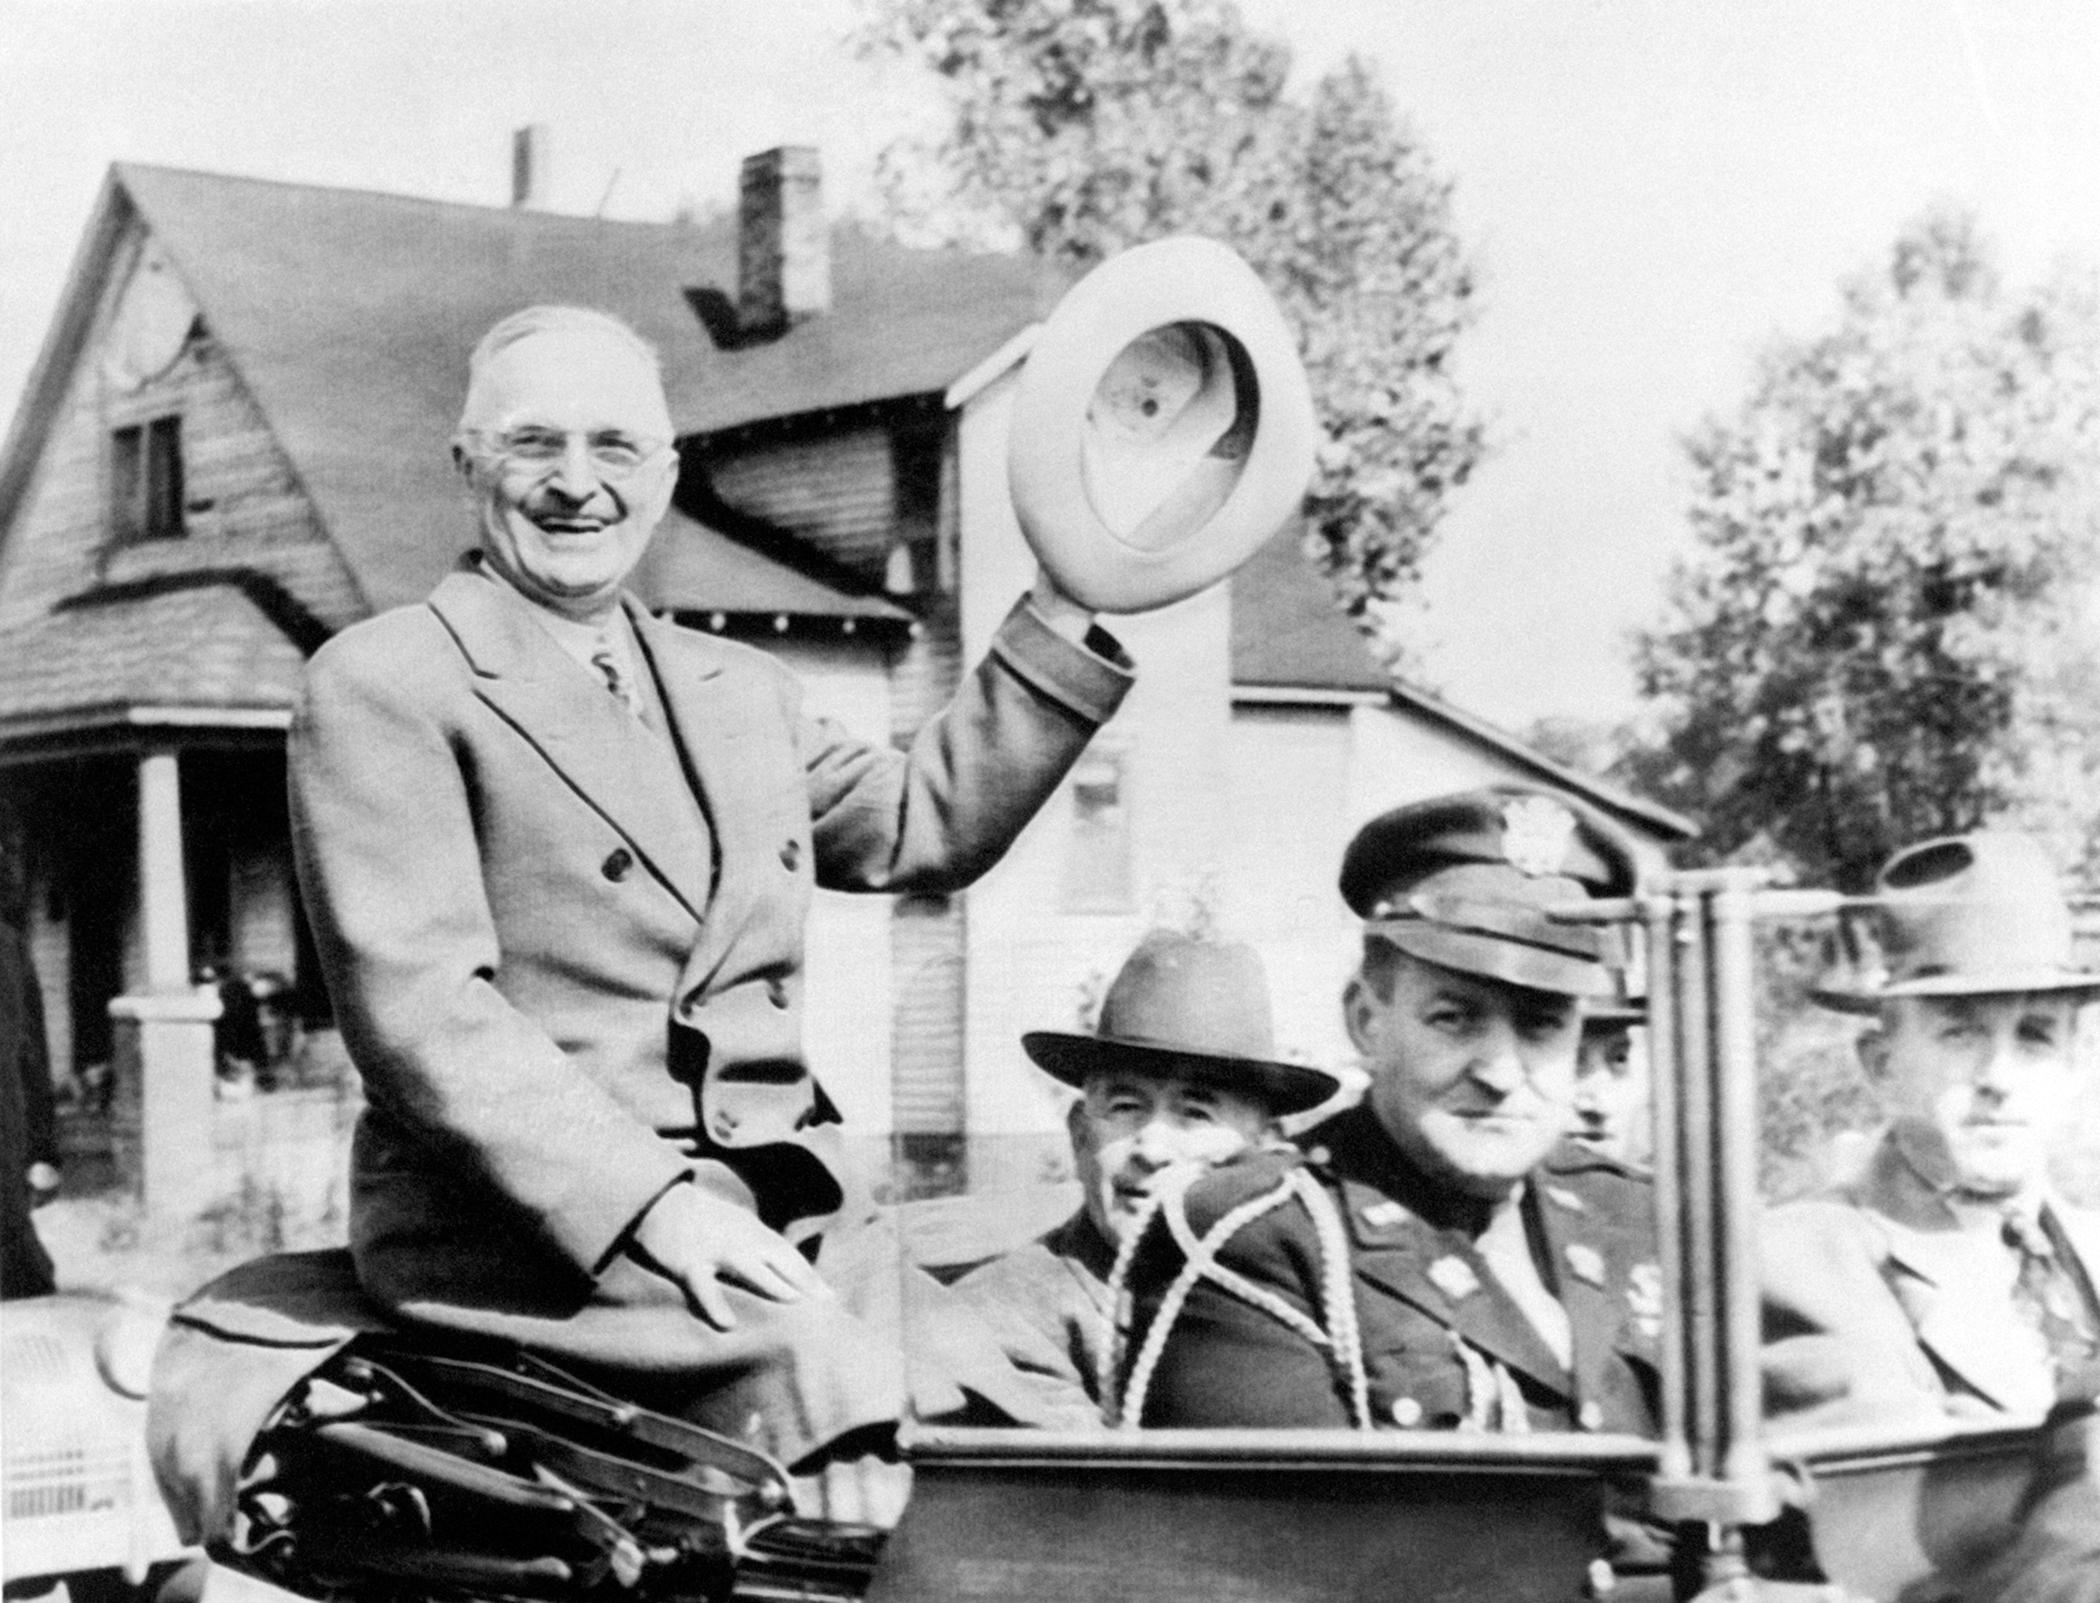 Le President Harry Truman se rendant l'inauguration d'un barrage dans le Tennessee, aux Etats-Unis en 1945.